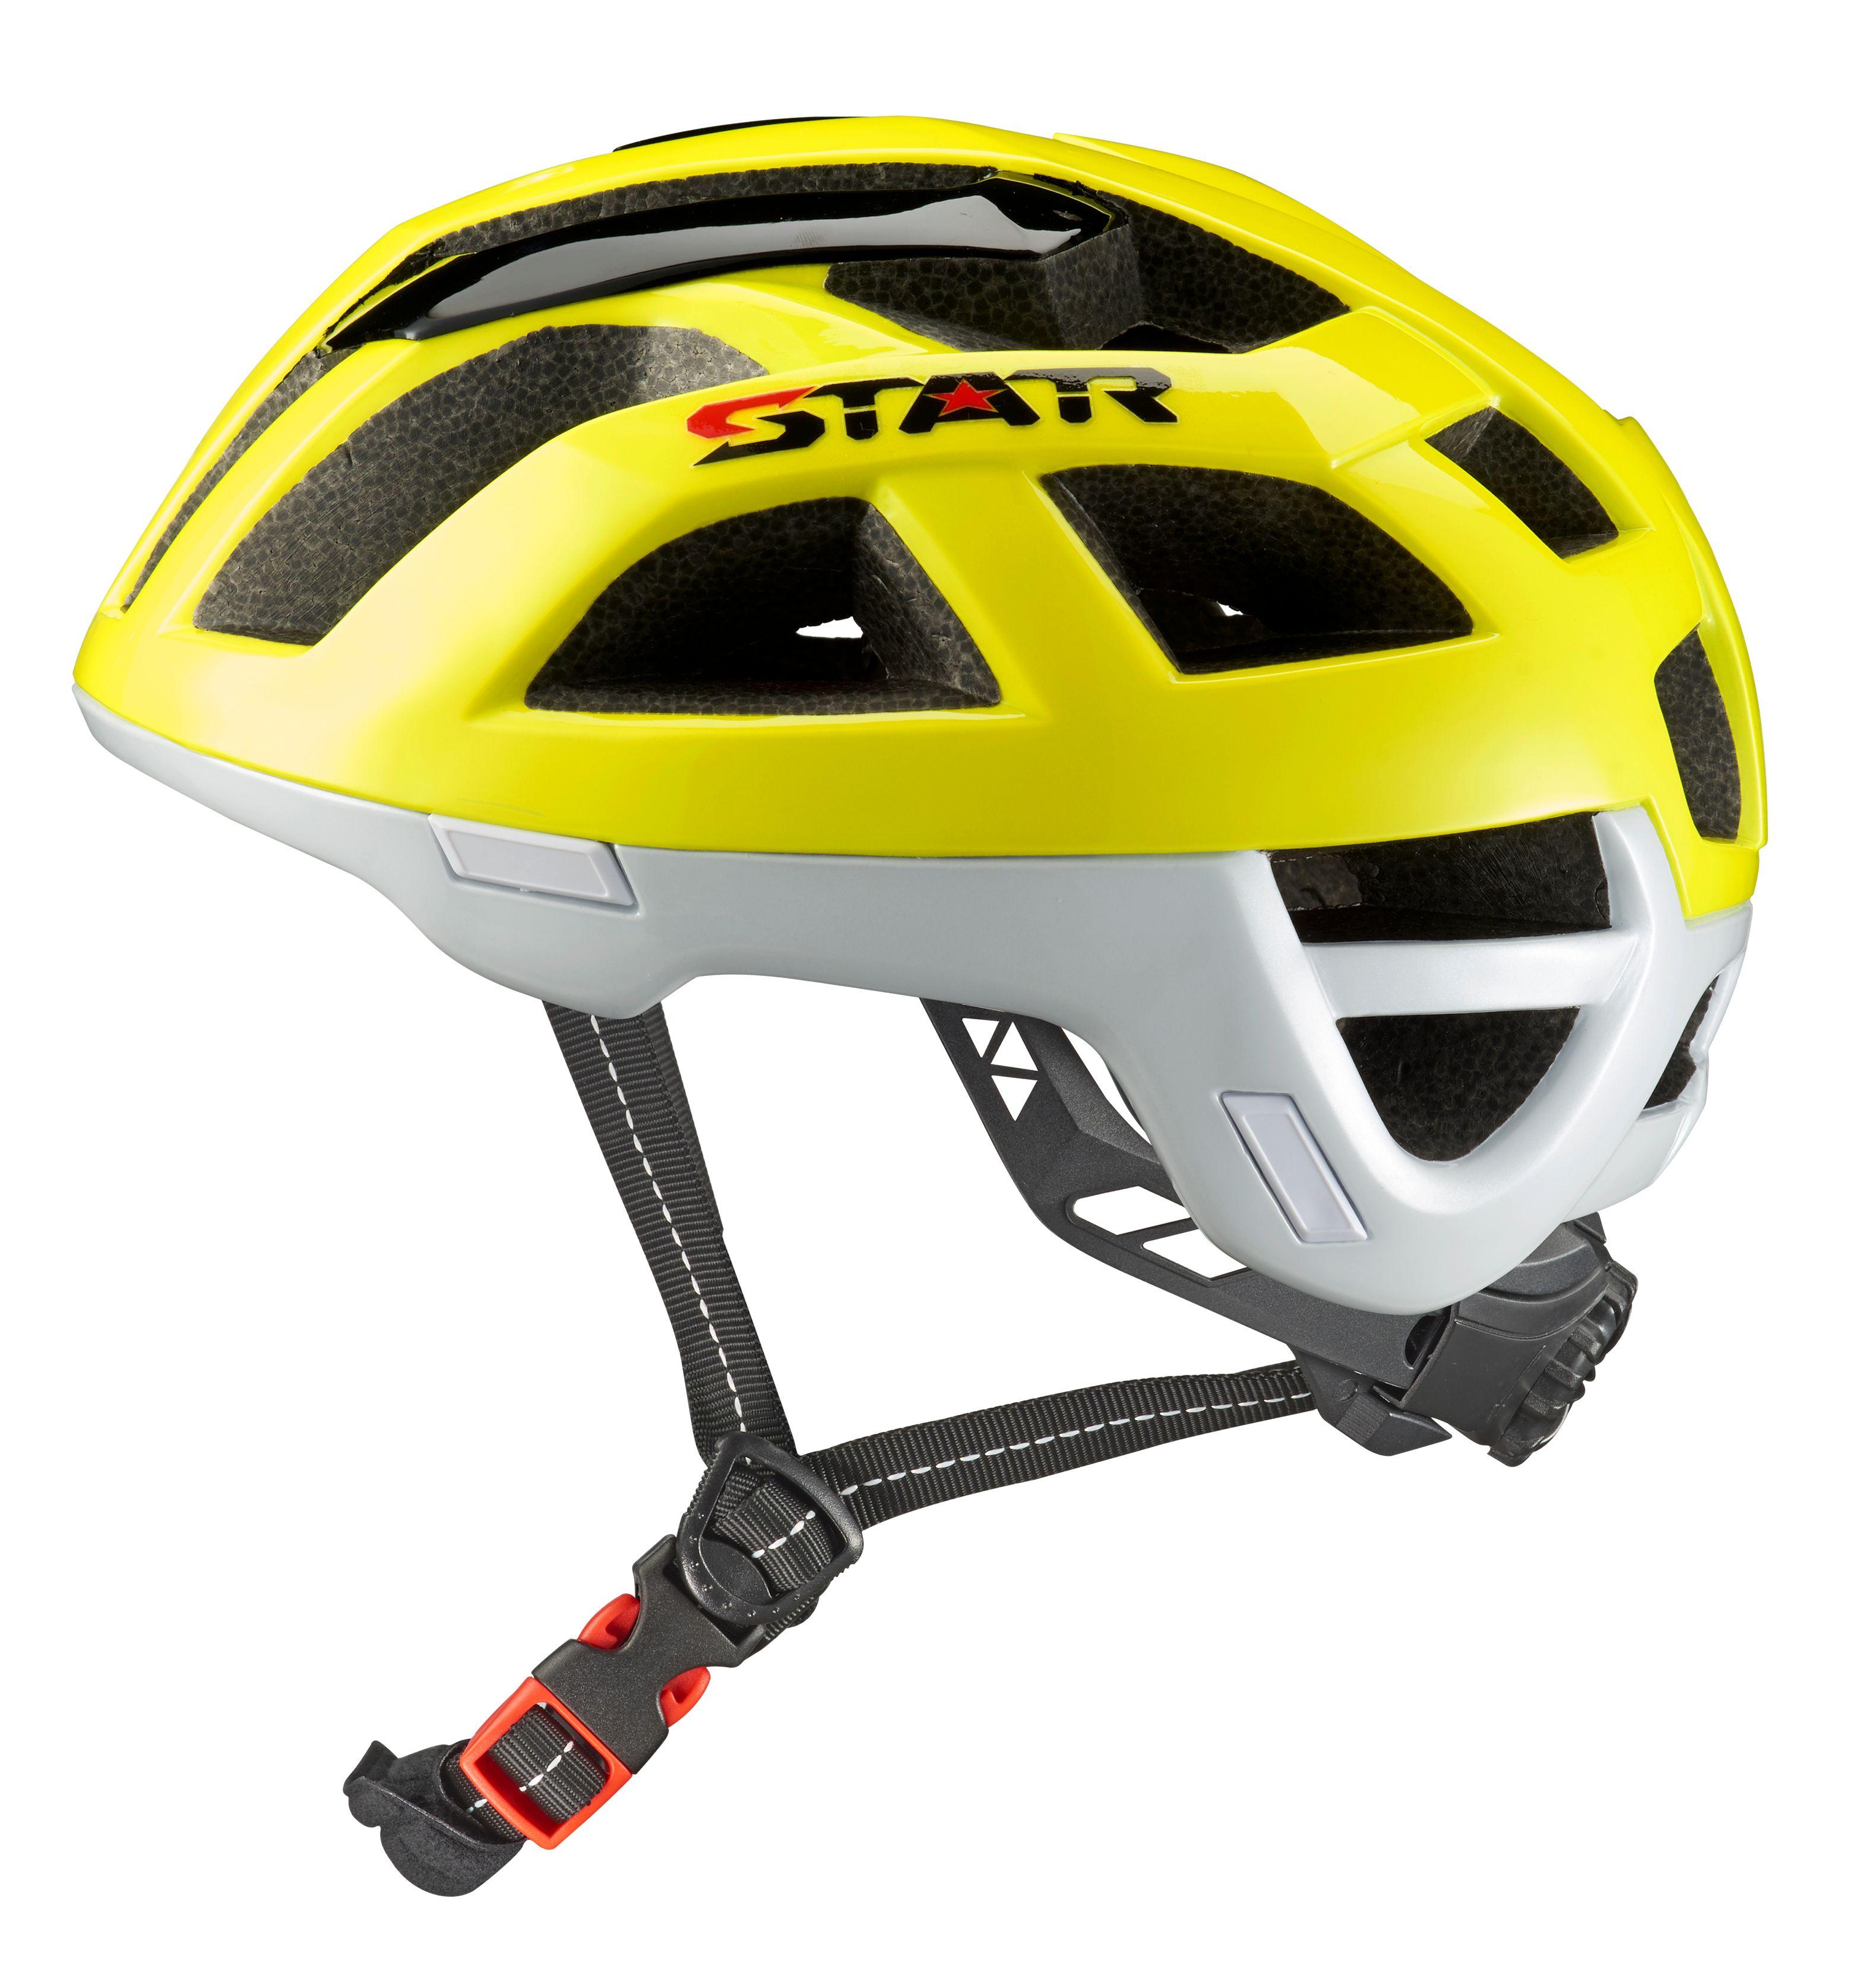 B3-28C Bicycle Helmet